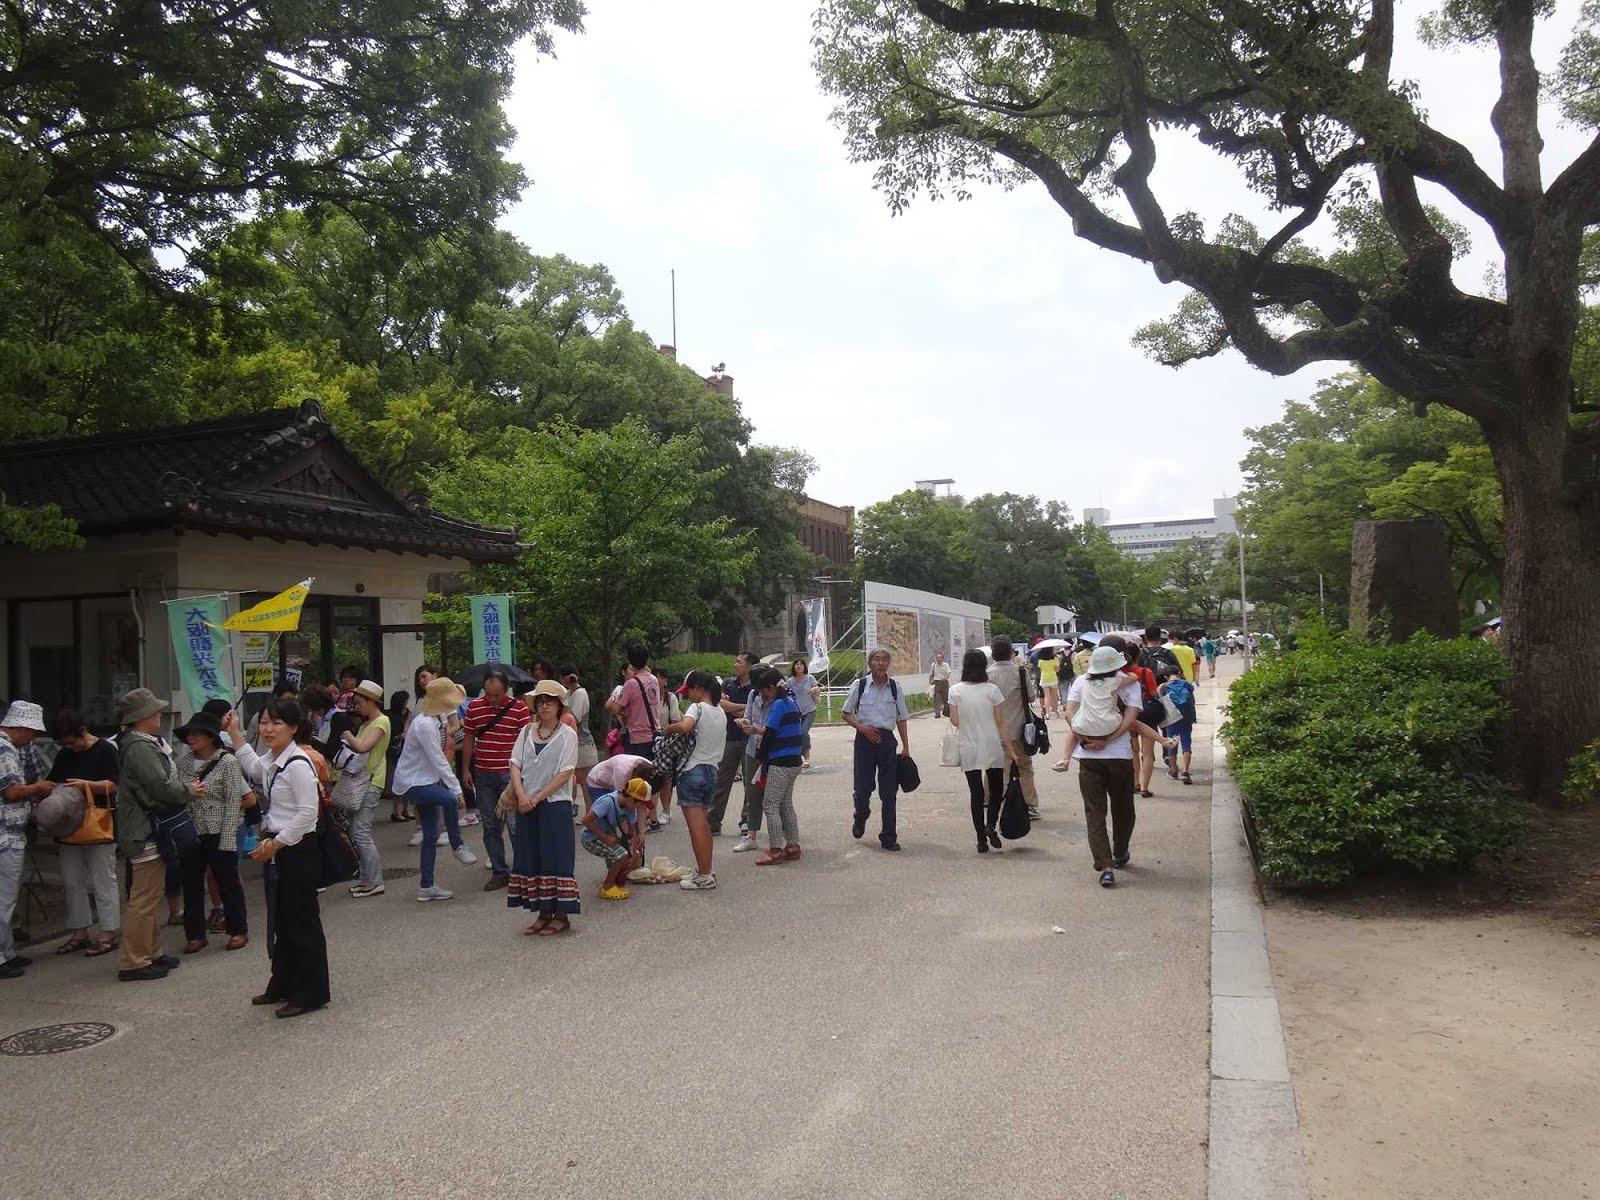 2014-07-27 (50).jpg